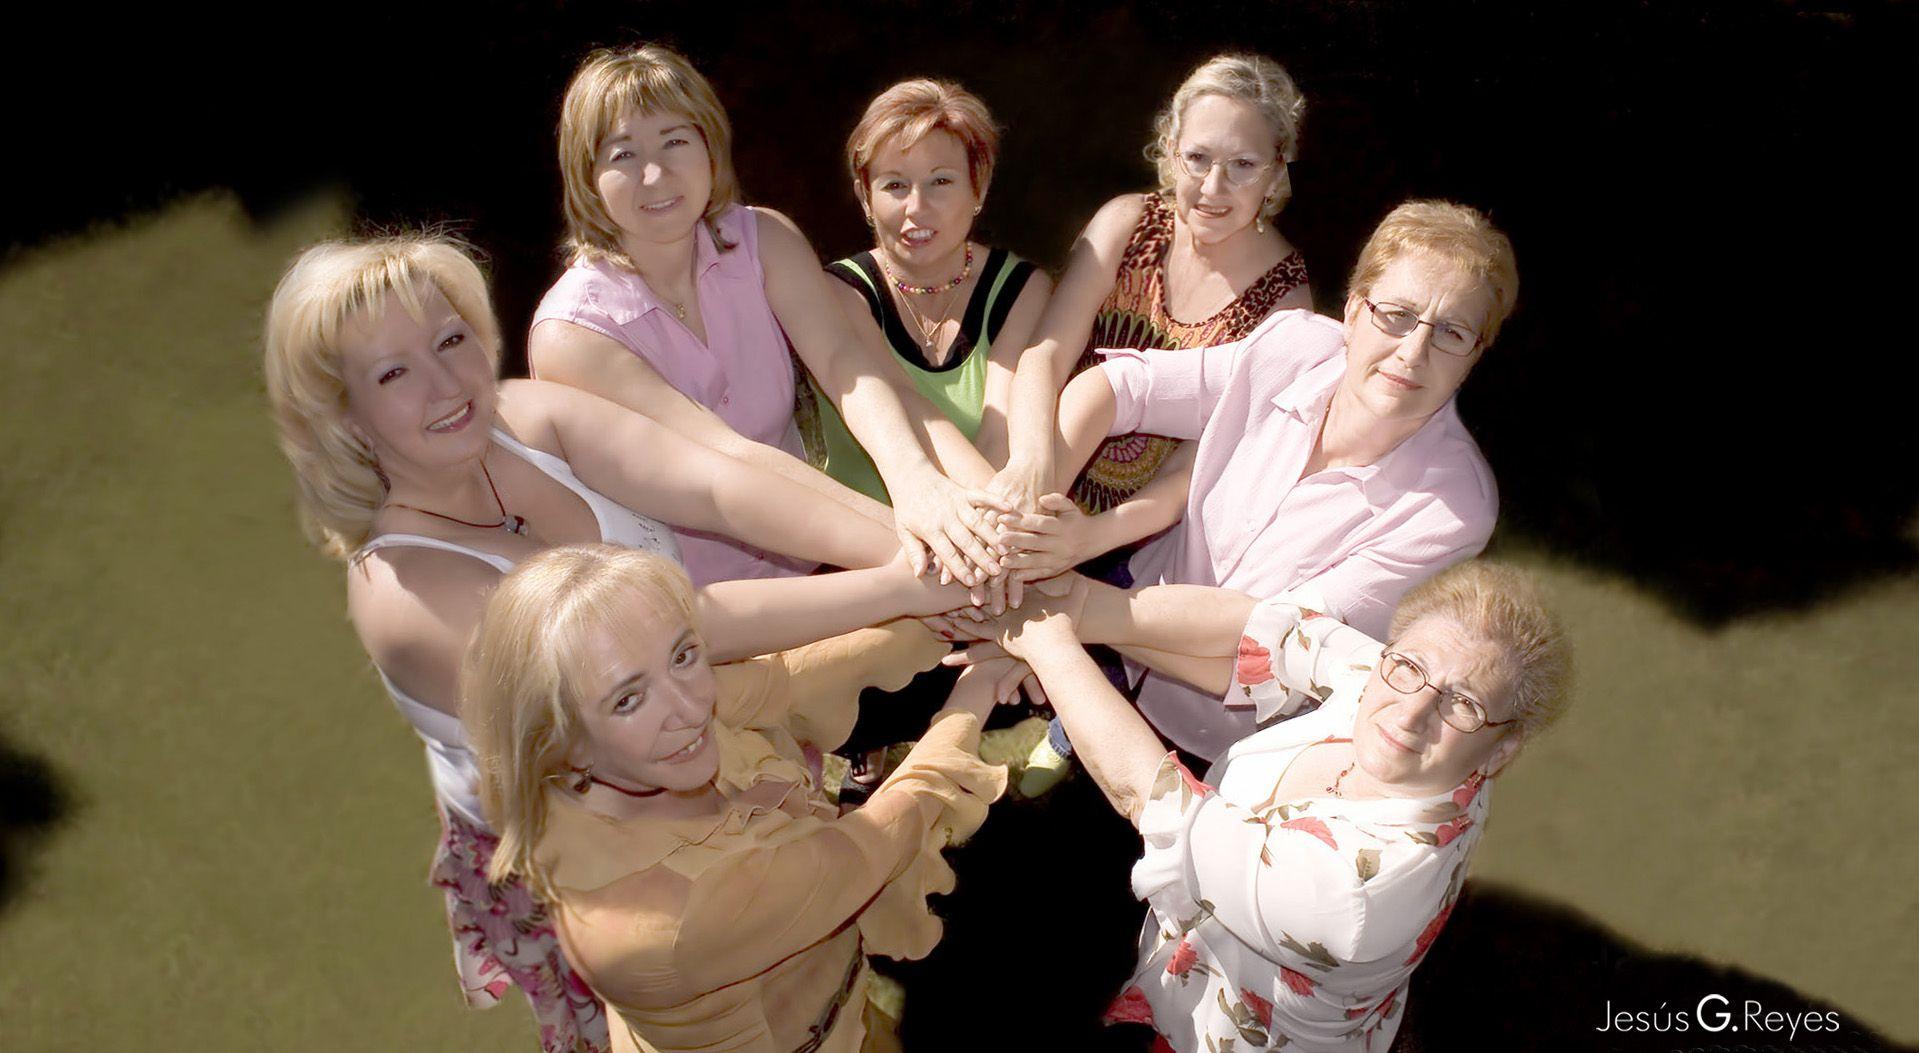 Colectivo Mujeres Montserrat Roig. San Fernando de Henares